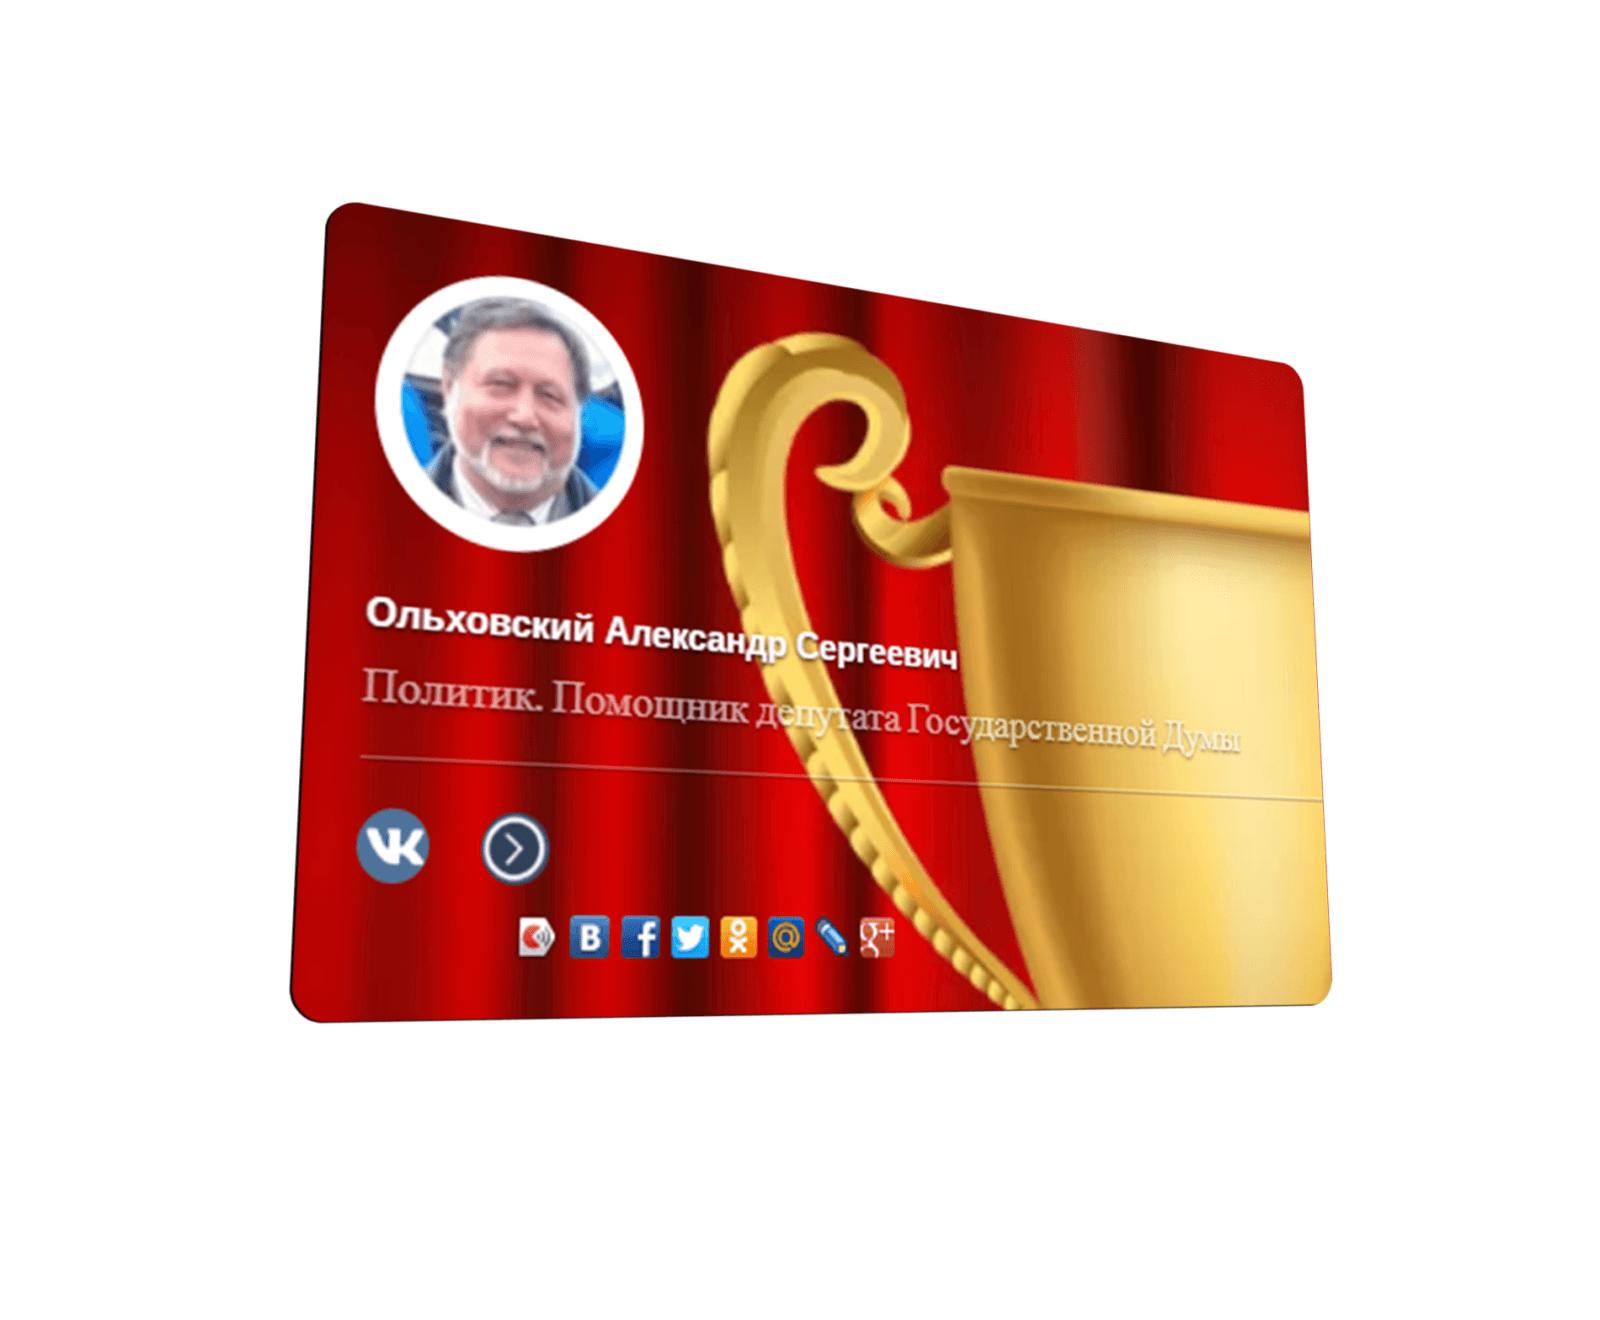 Победитель-конкурса Ольховский Александр